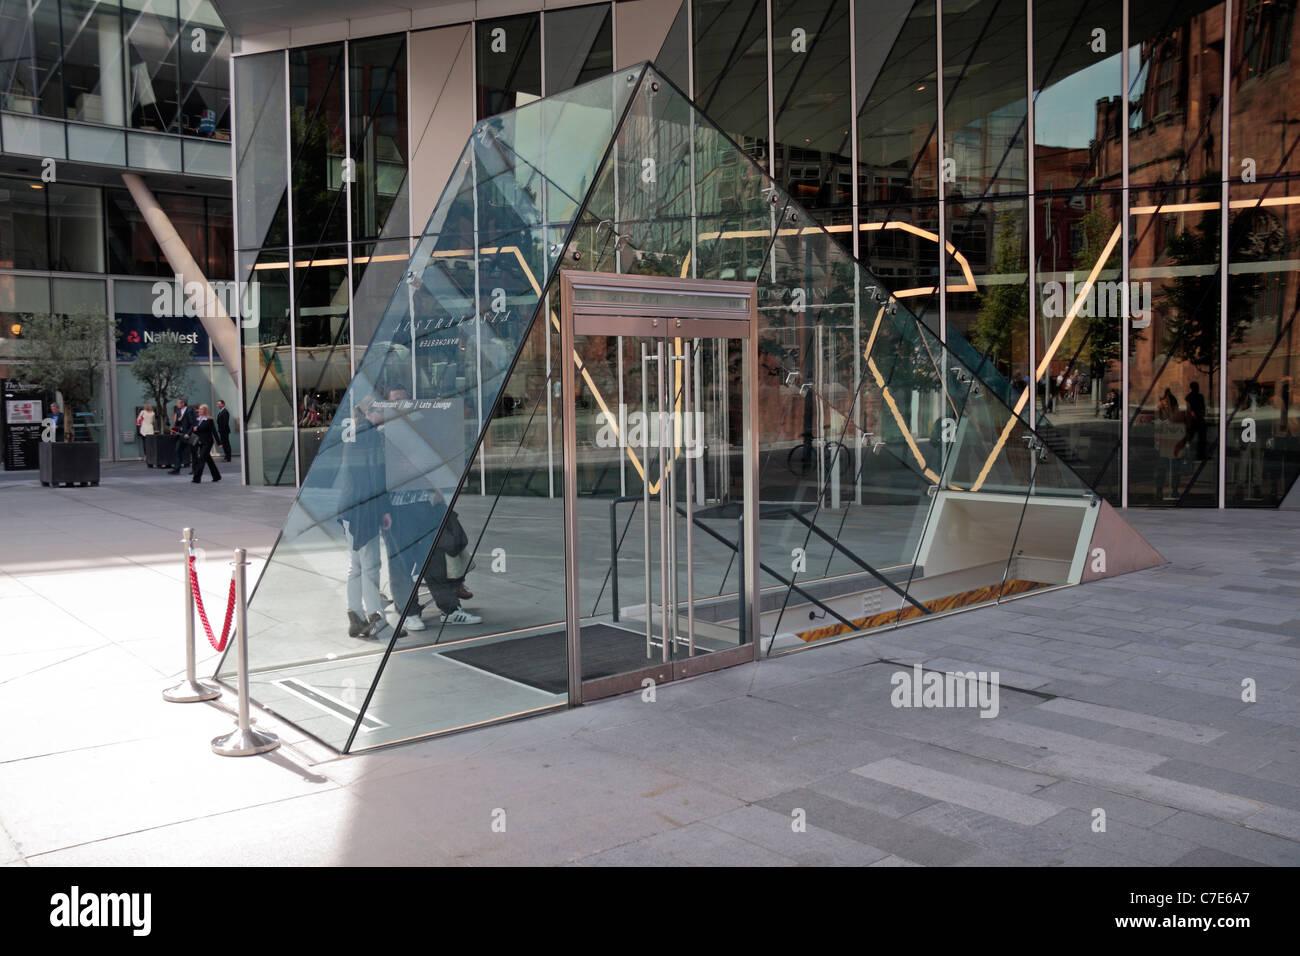 L'entrée en verre étonnant au niveau de la rue à l'Australasie, Restaurant , Spinningfields Photo Stock